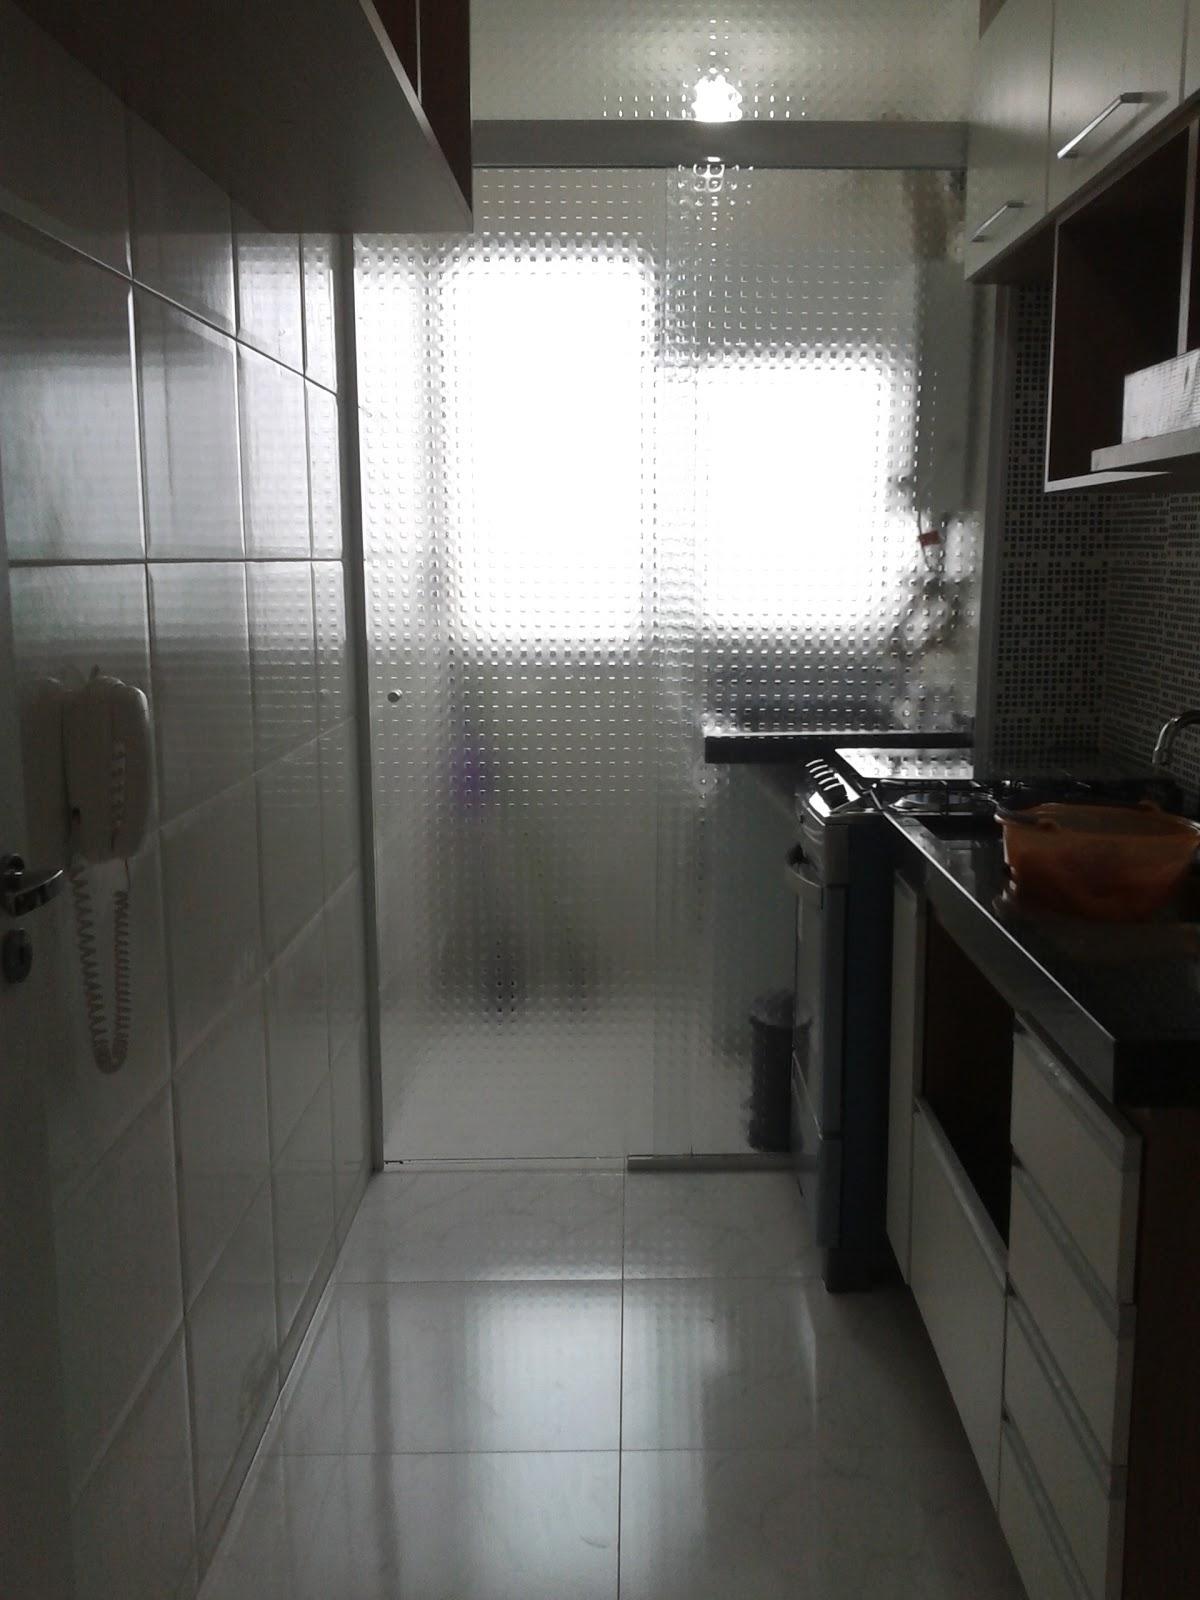 Meu primeiro Apartamento: Cozinha e lavanderia com granito instalado #5F696C 1200 1600